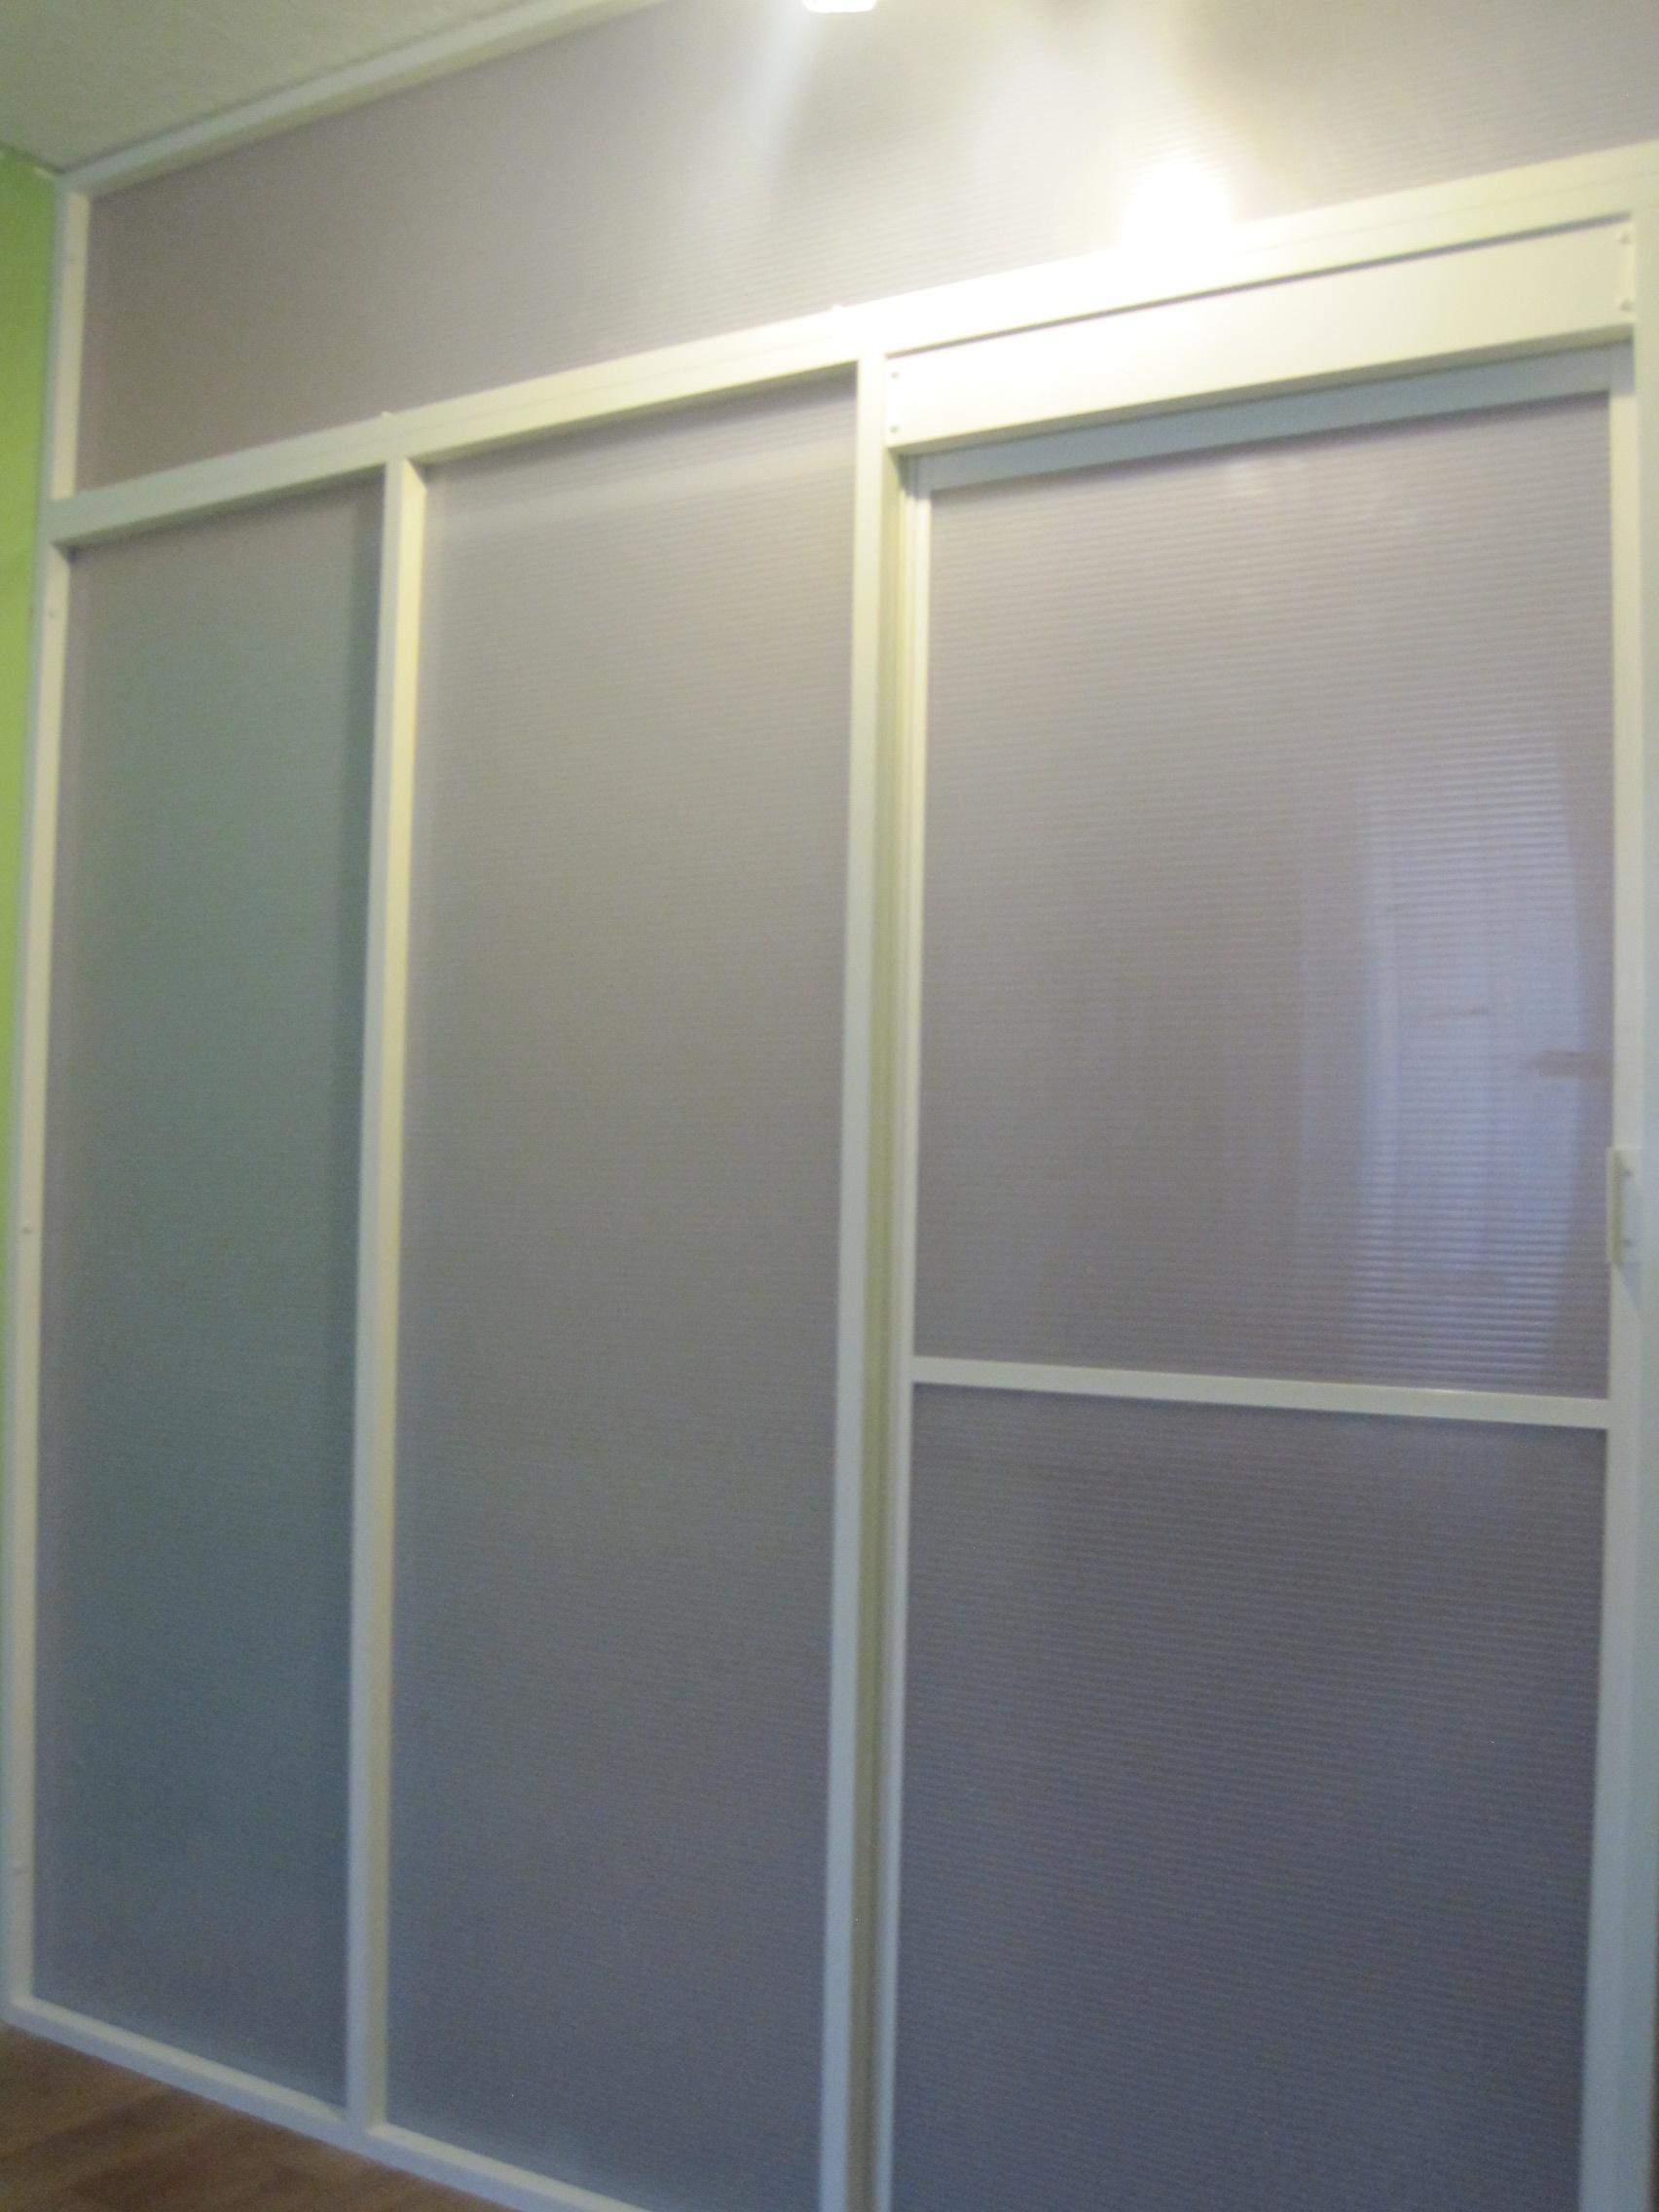 Aluminium Door Frame Sliding System Partition Wall